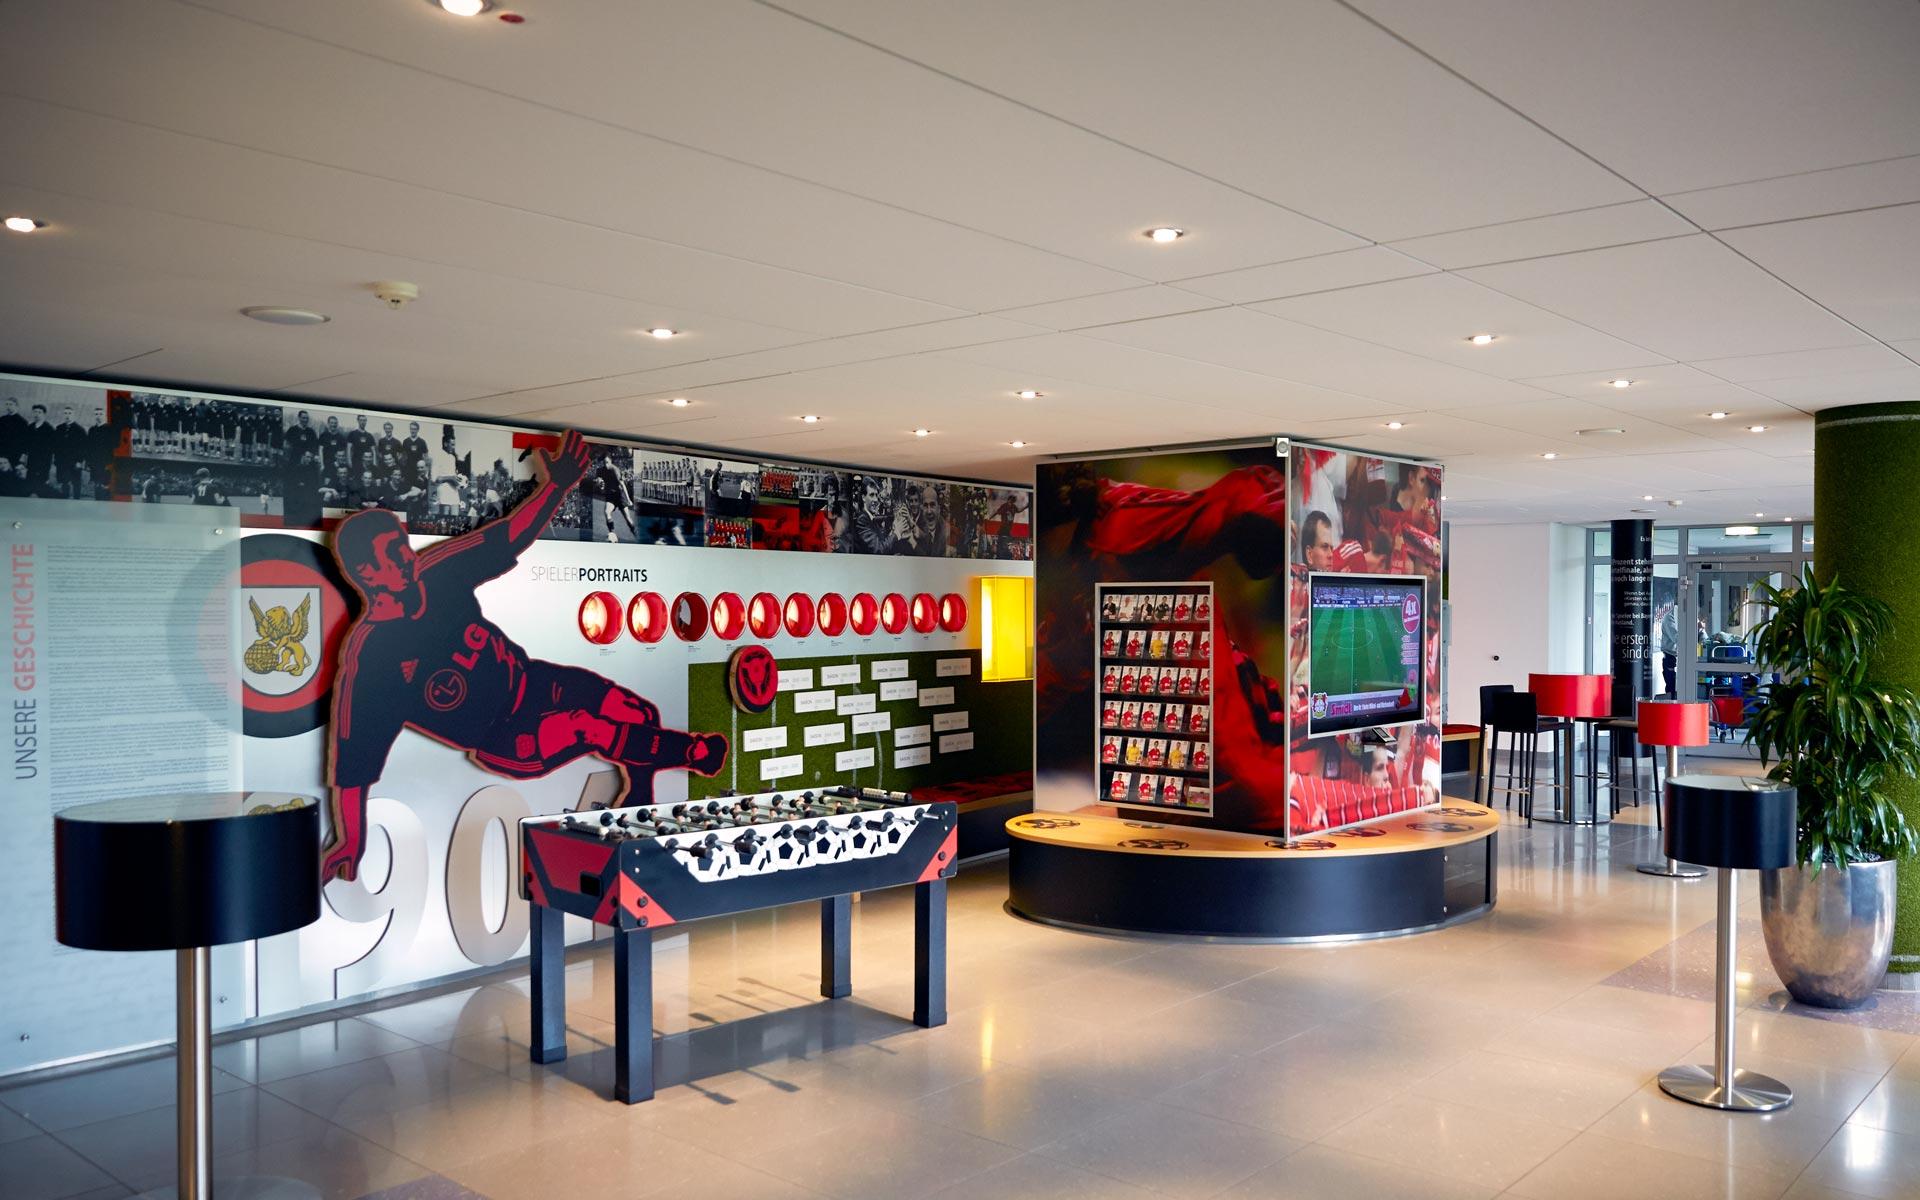 Bayer 04 Foyer BayArena, Brand Space, Gesamtansicht mit Tischkicker